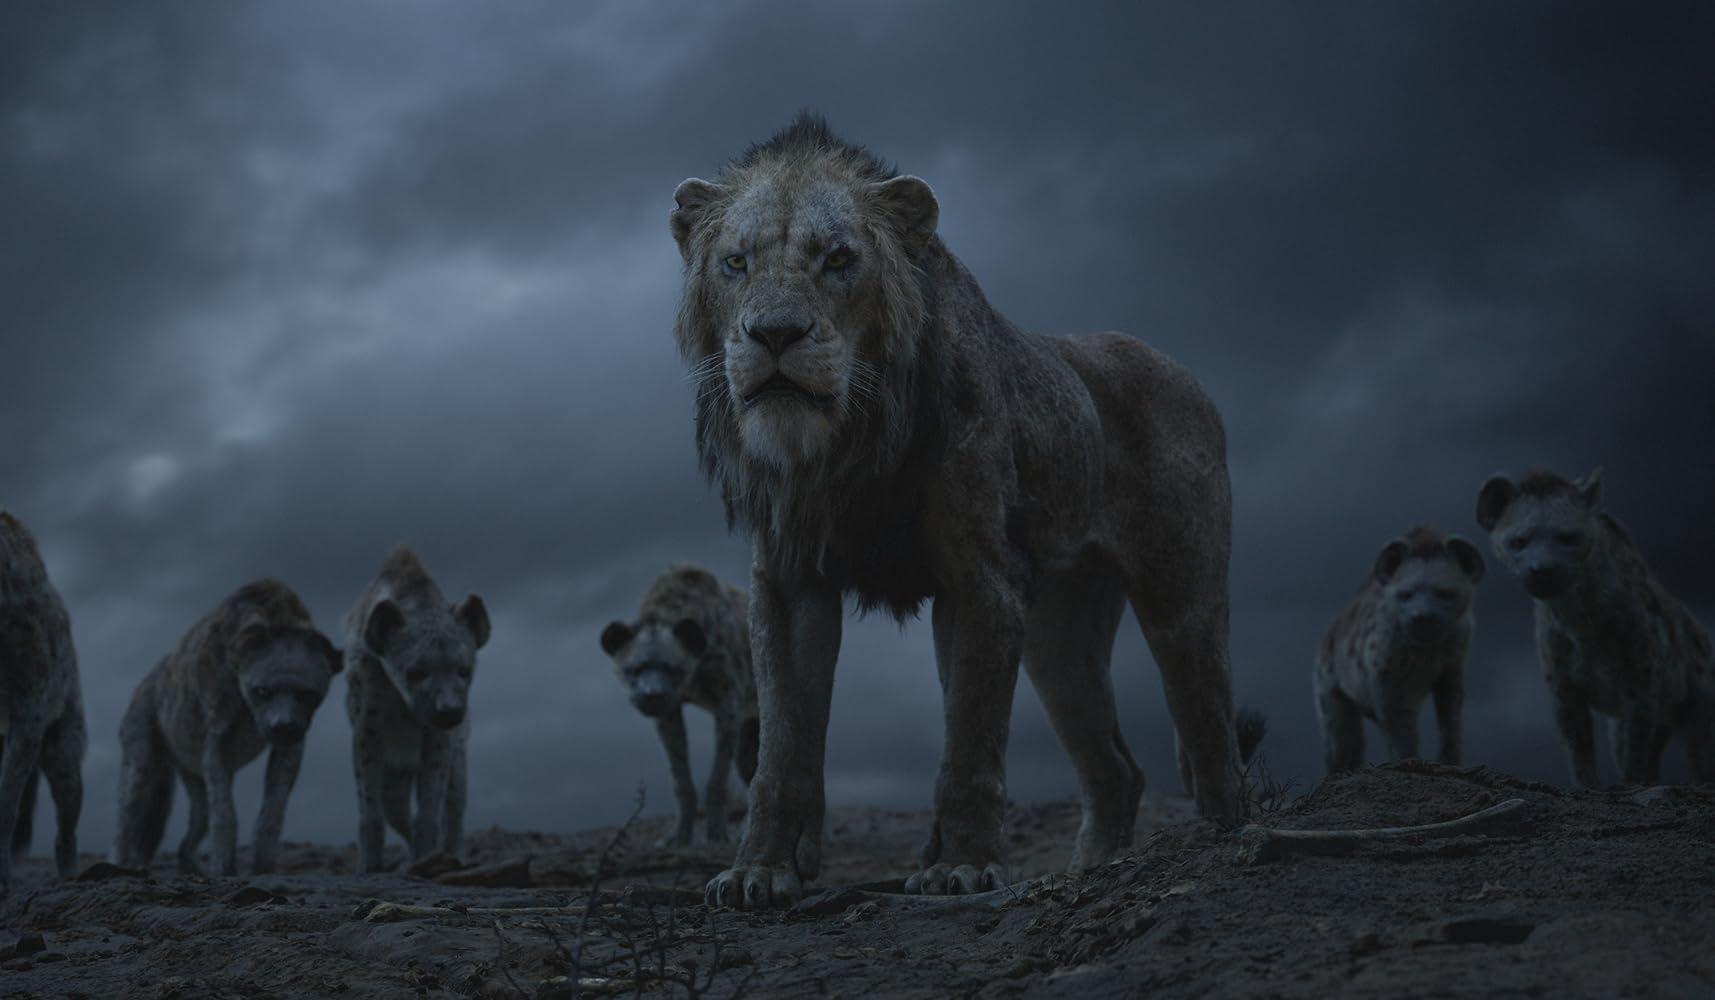 Recenzija: The Lion King (Kralj lavova, 2019)